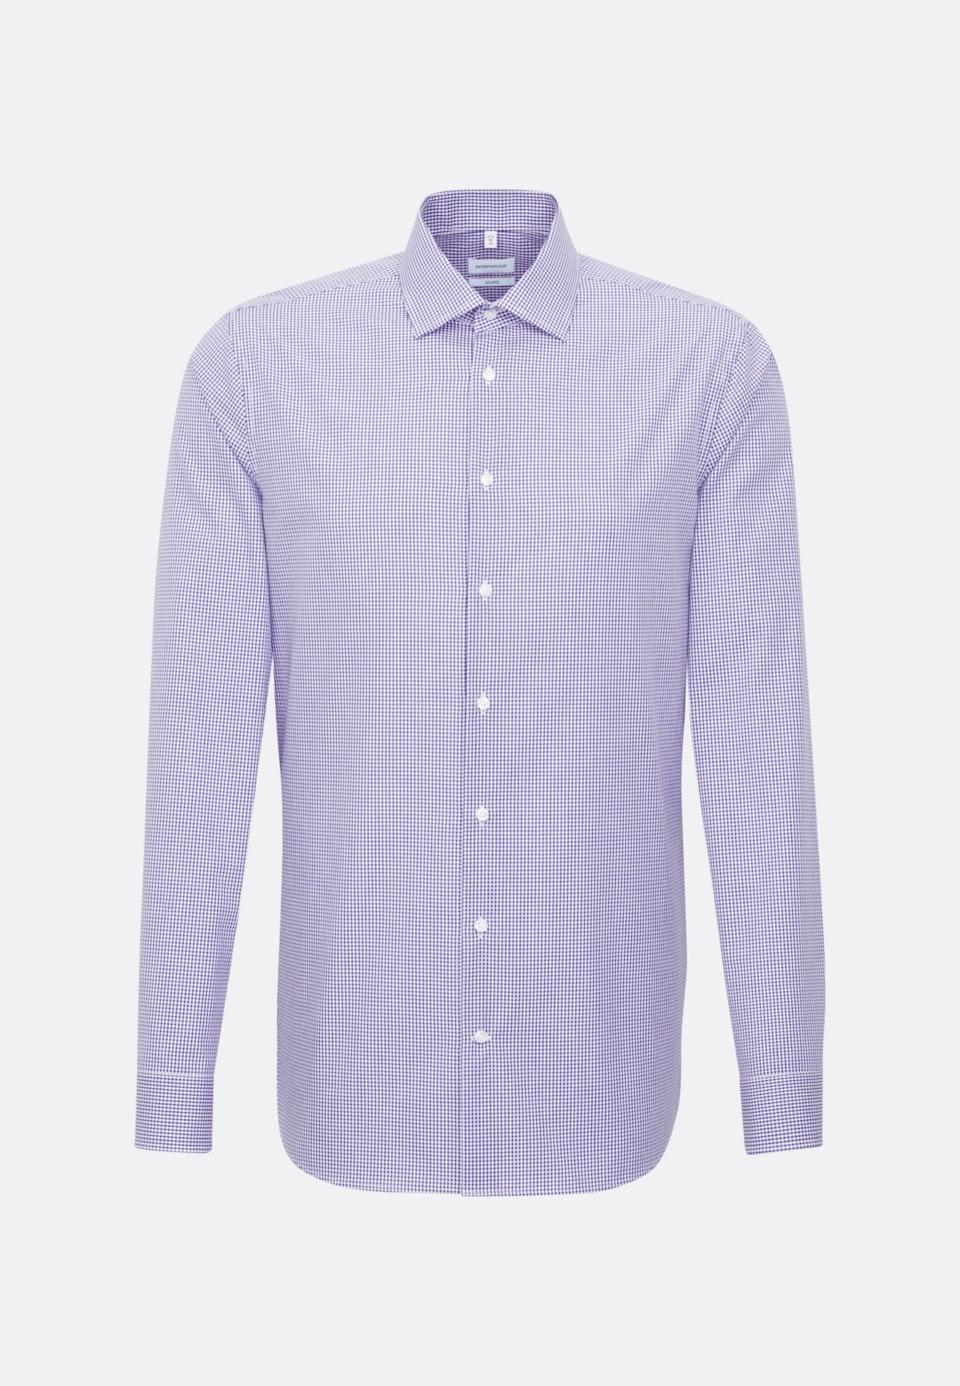 Bügelfreies Popeline Business Hemd in Shaped mit Kentkragen und extra langem Arm in Lila |  Seidensticker Onlineshop